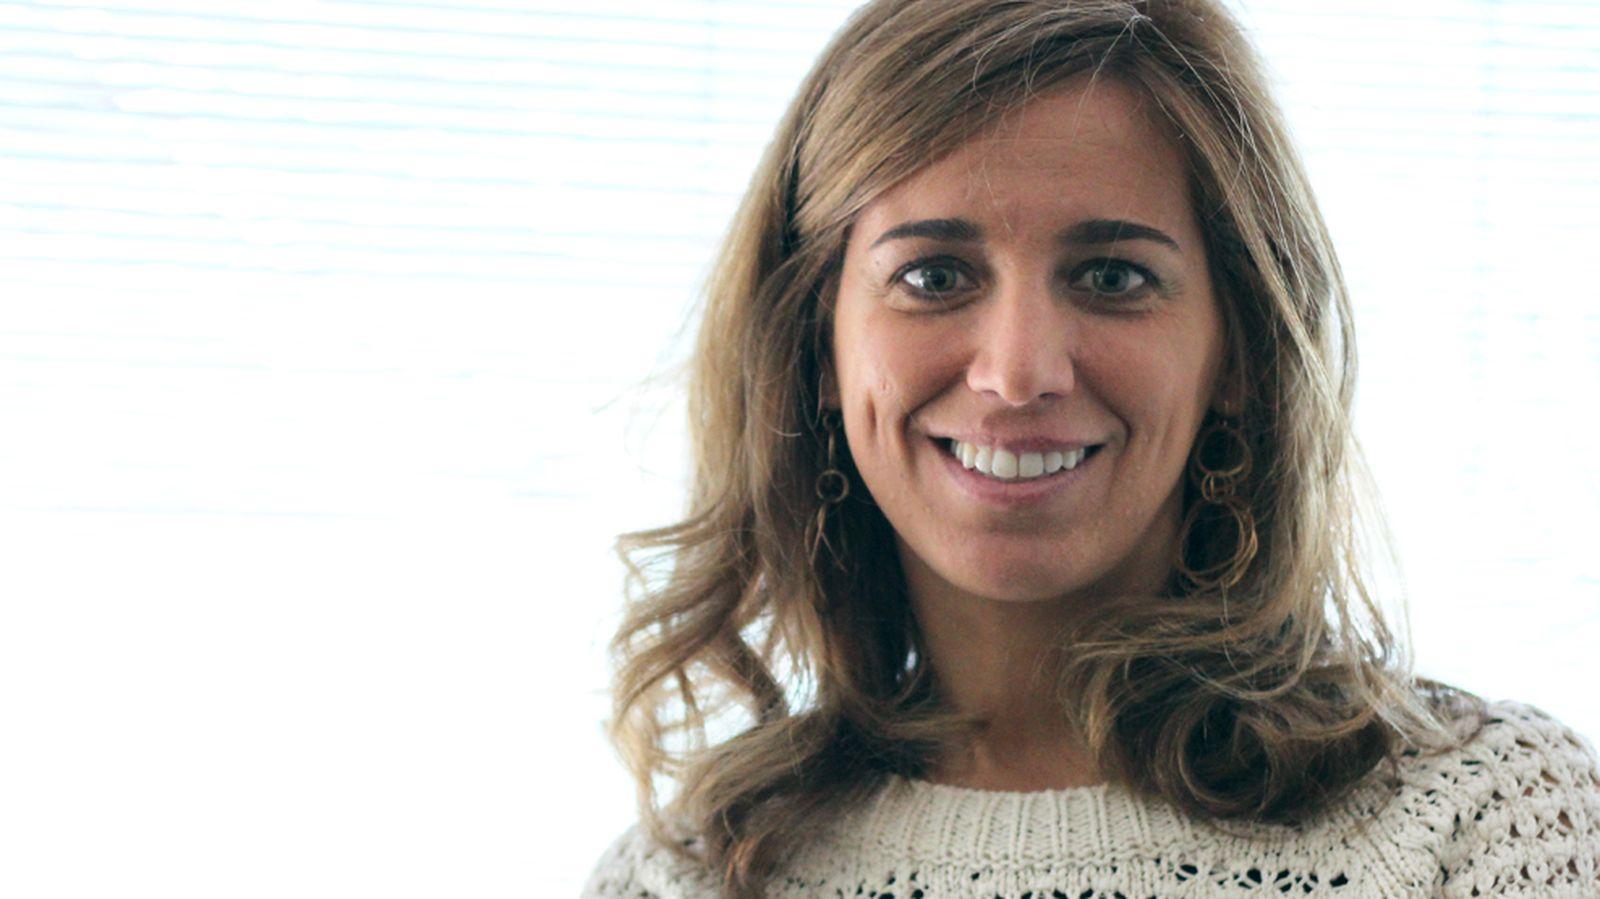 Foto: Estefanía Peral, durante su visita a El Confidencial. (Fotografía: Francisco Javier Martínez)